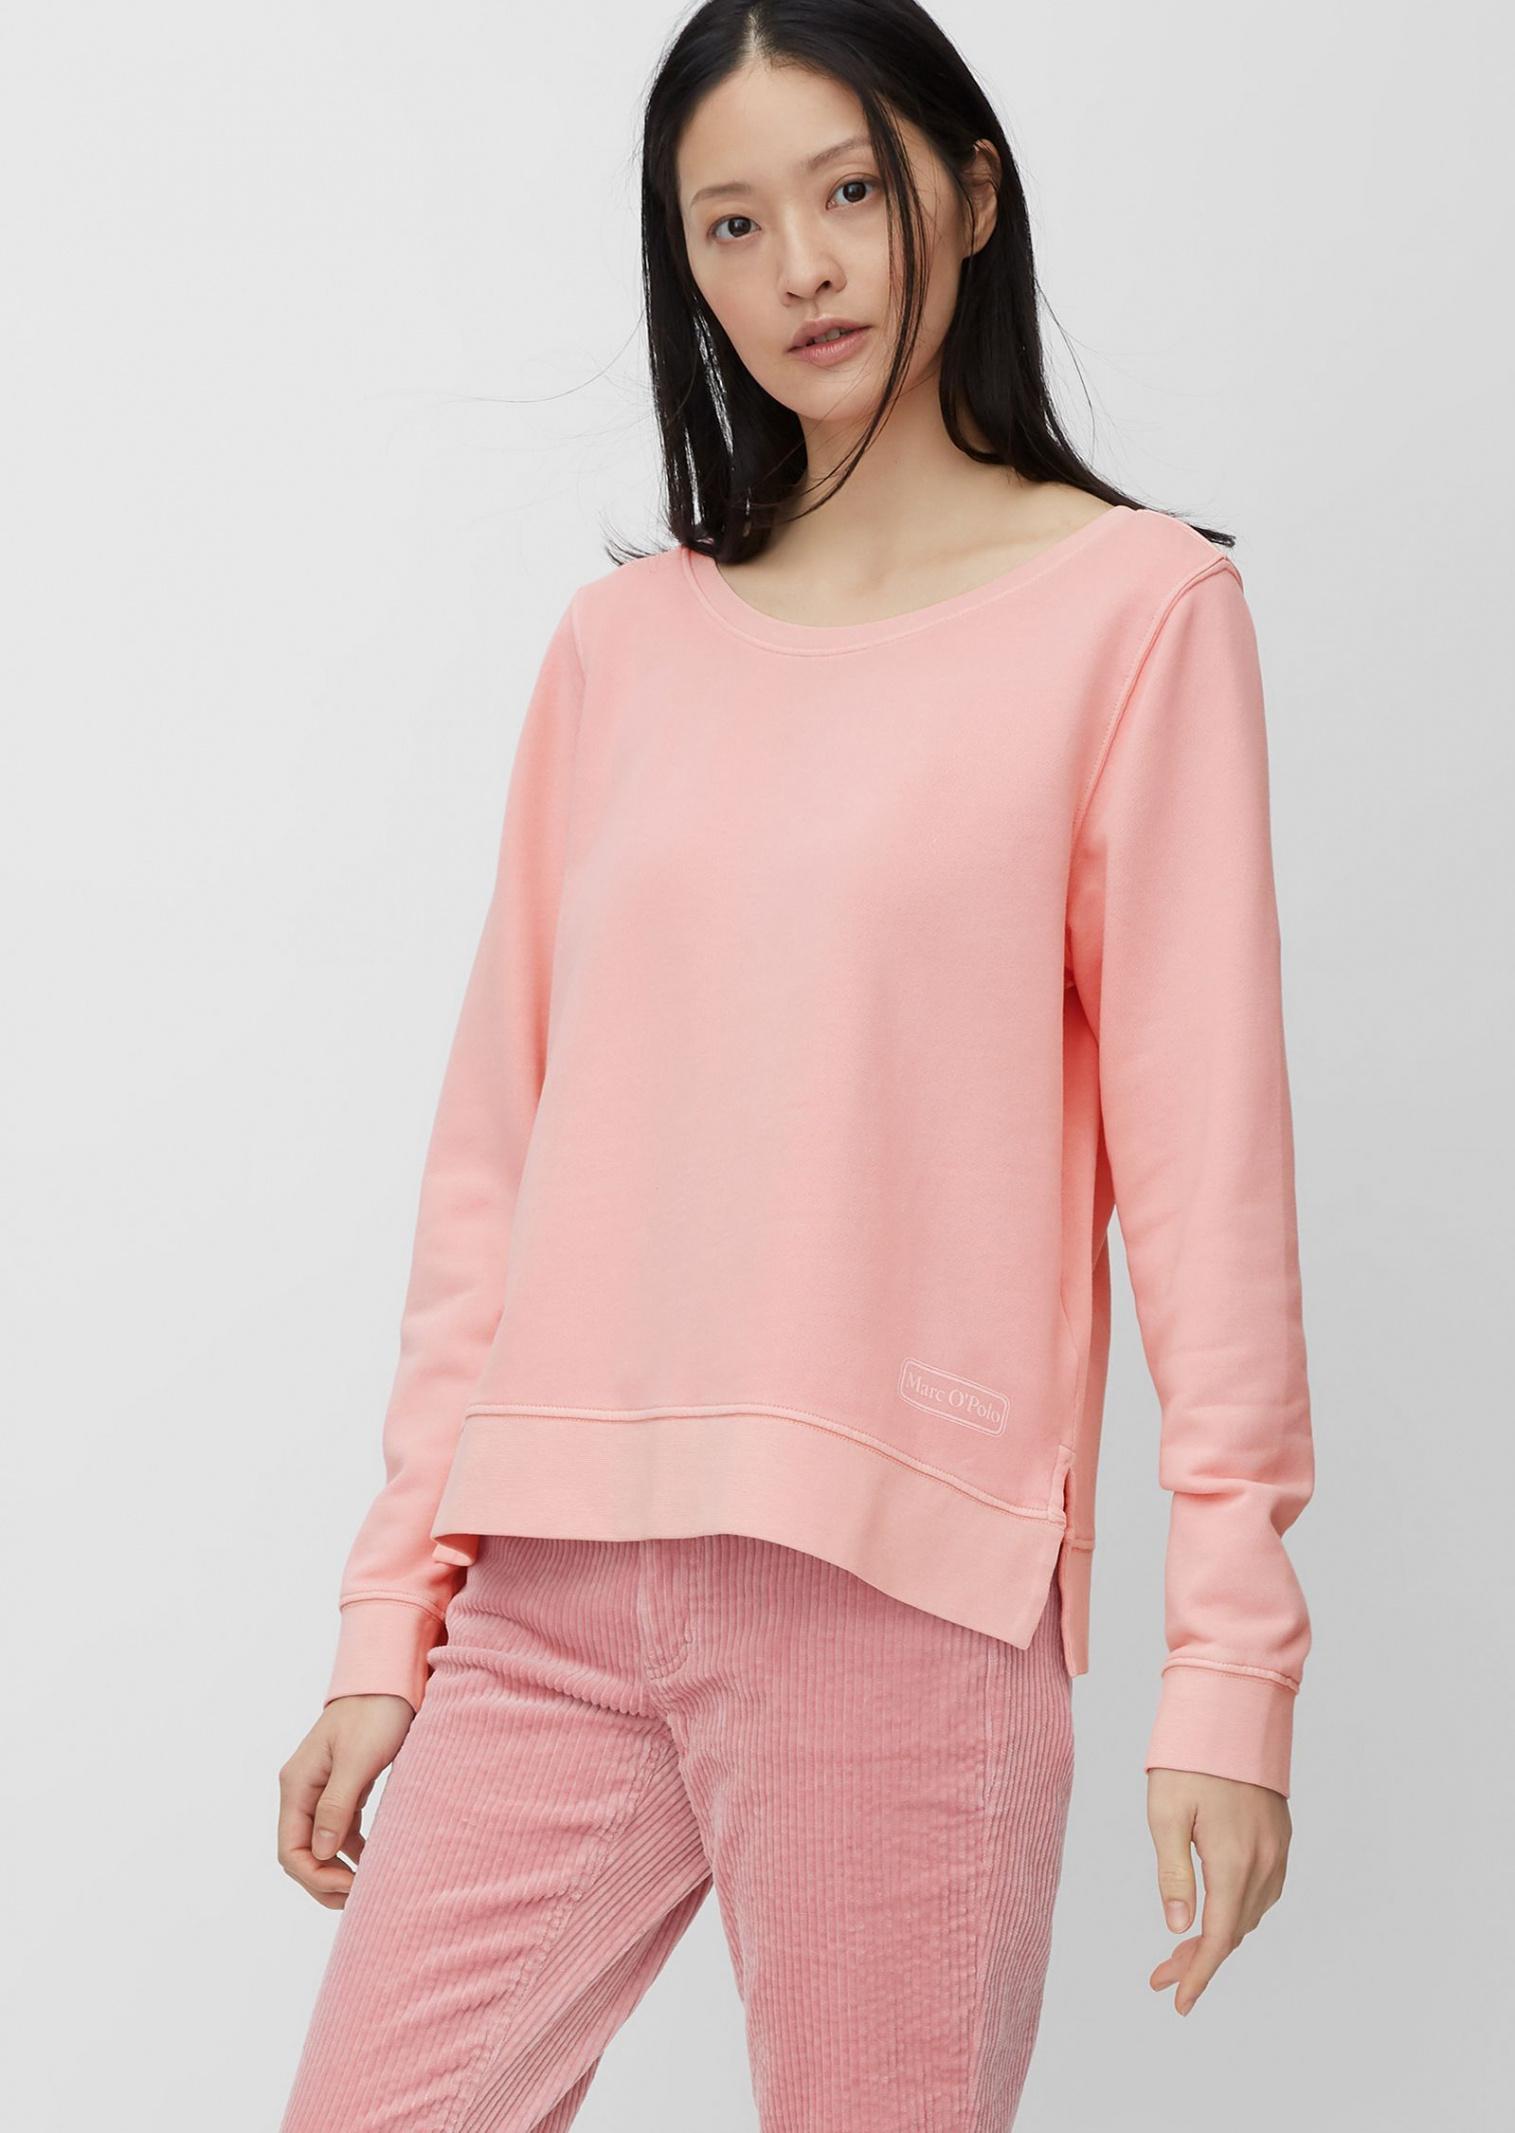 MARC O'POLO Кофти та светри жіночі модель 000411454079-612 ціна, 2017